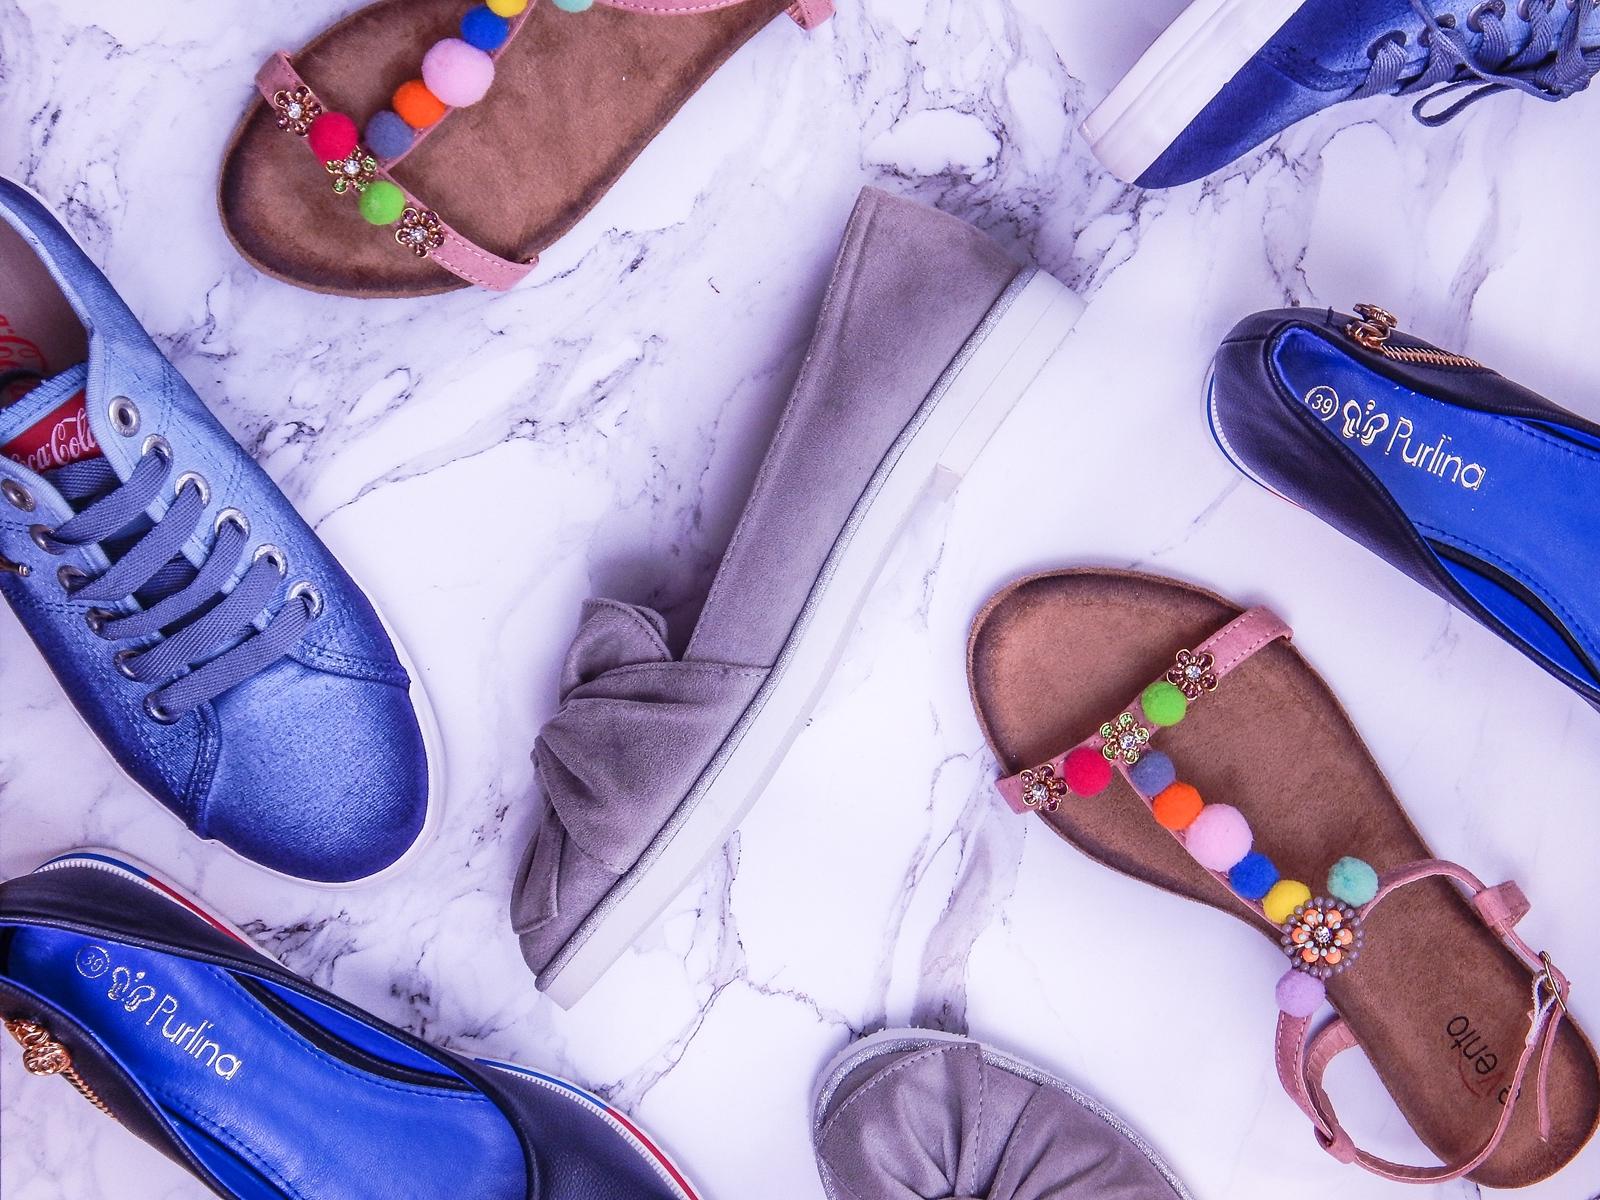 1 buty łuków baleriny tenisówki mokasyny sandały z ponopnami trzy modele butów modnych na lato melodylaniella recenzje buty coca-cola szare półbuty z kokardą buty na wesele buty do sukienki moda